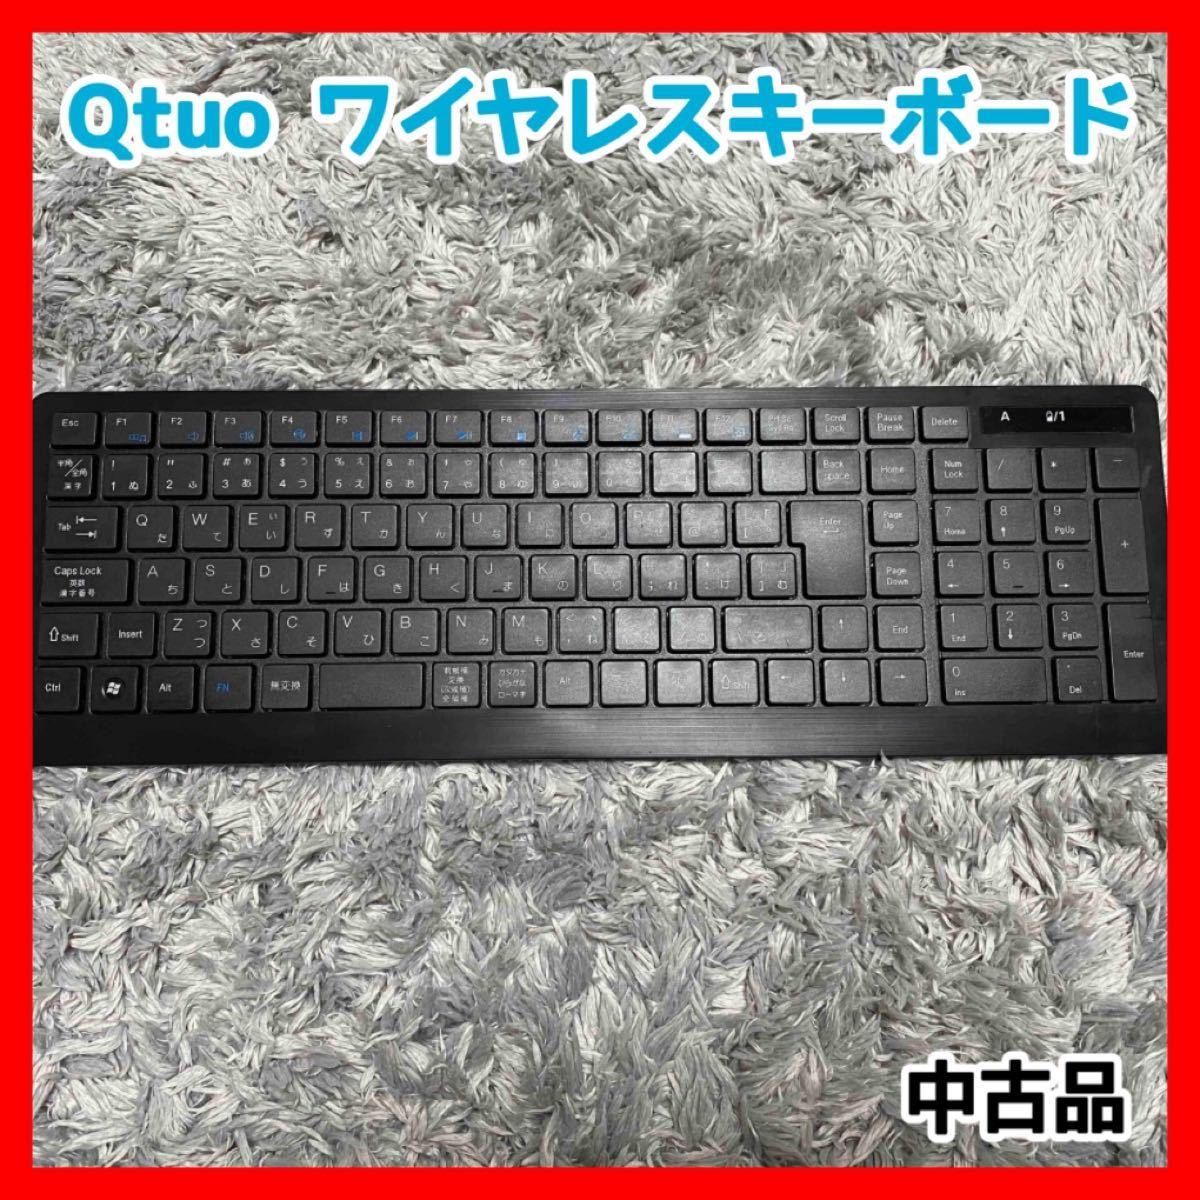 ワイヤレスキーボード   【中古品】